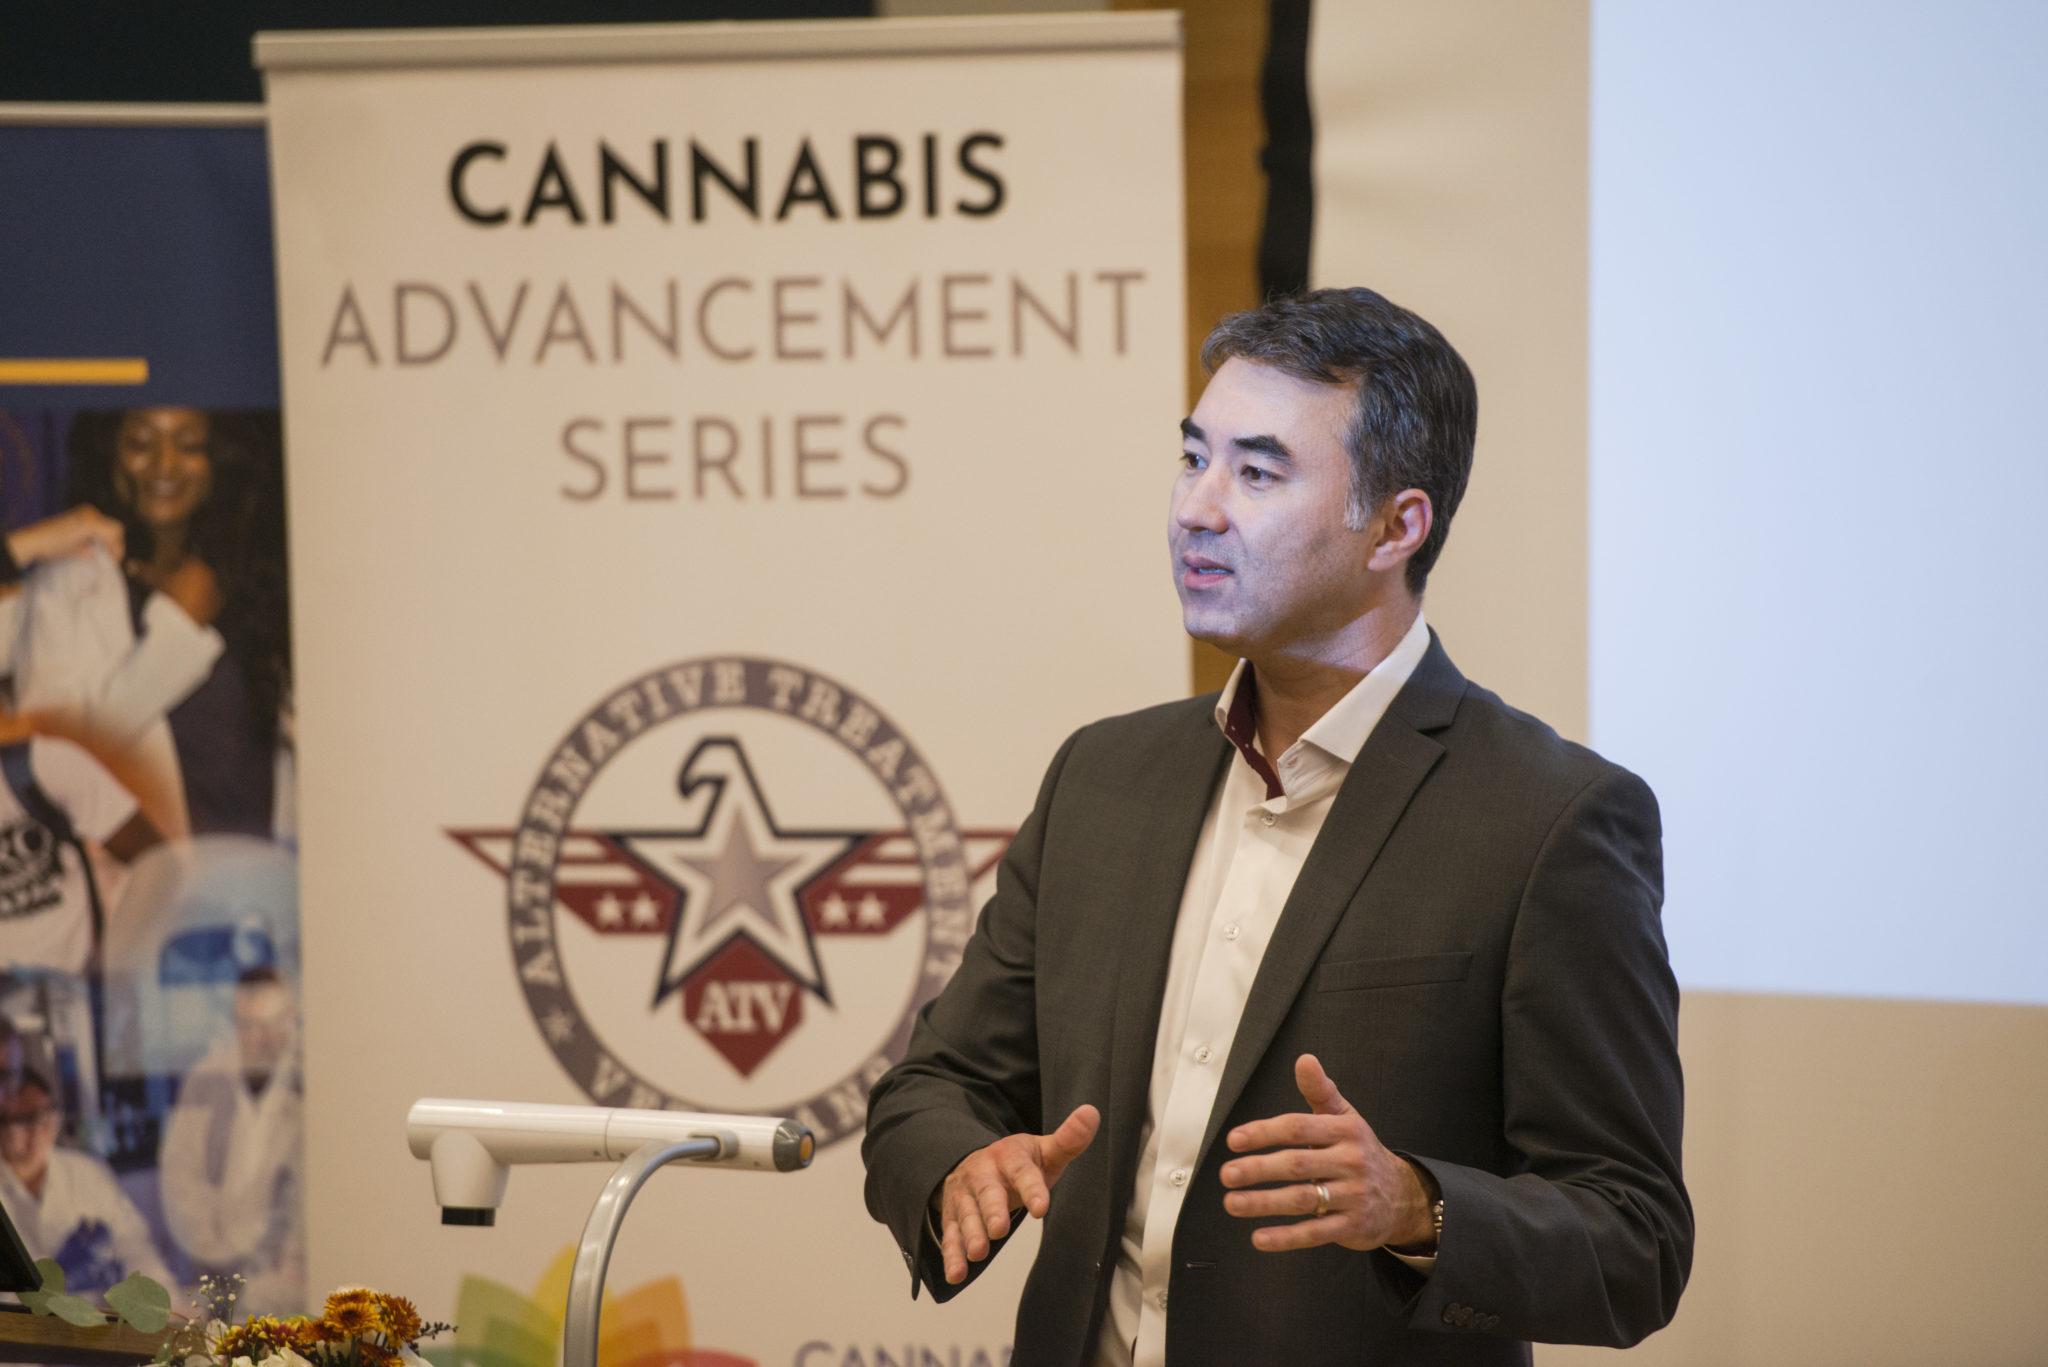 CEO MICHAEL SCOTT TALKS CANNABIS ENTREPRENEURSHIP AT CANNABIS ADVANCEMENT SERIES IN DARTMOUTH